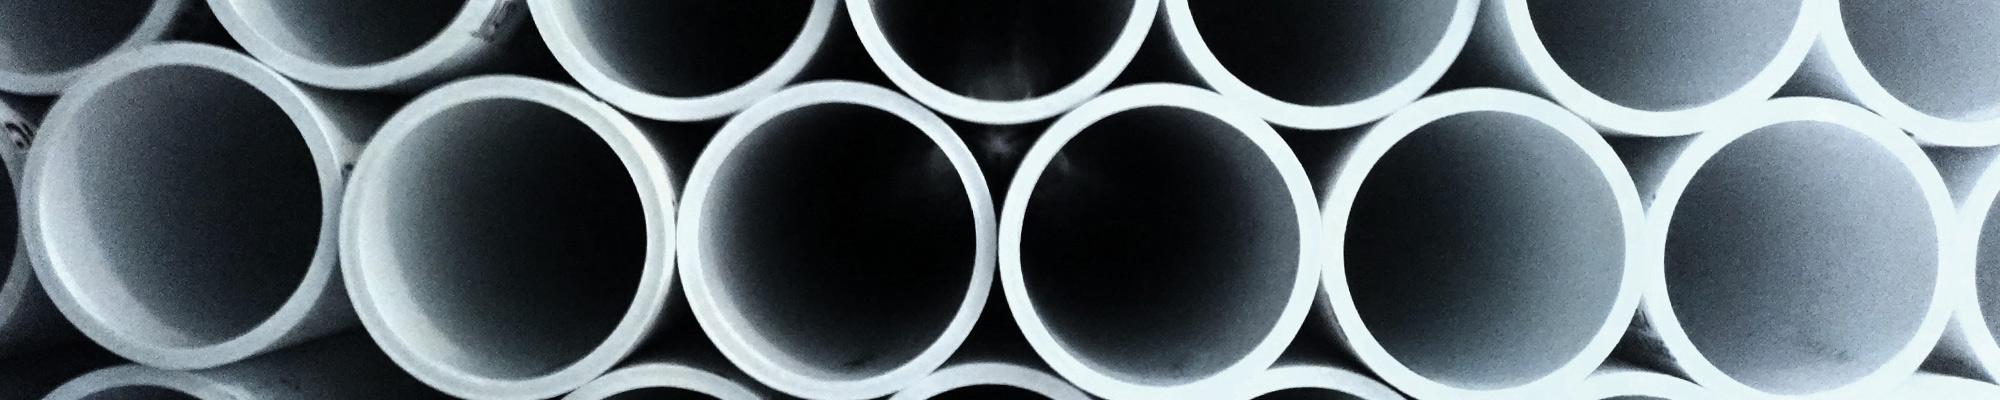 Photos de tuyaux sur un chantier, en prévision de l'apport des fluides, compétence de eïkos, le bureau d'étude fluide de Aw-eck.